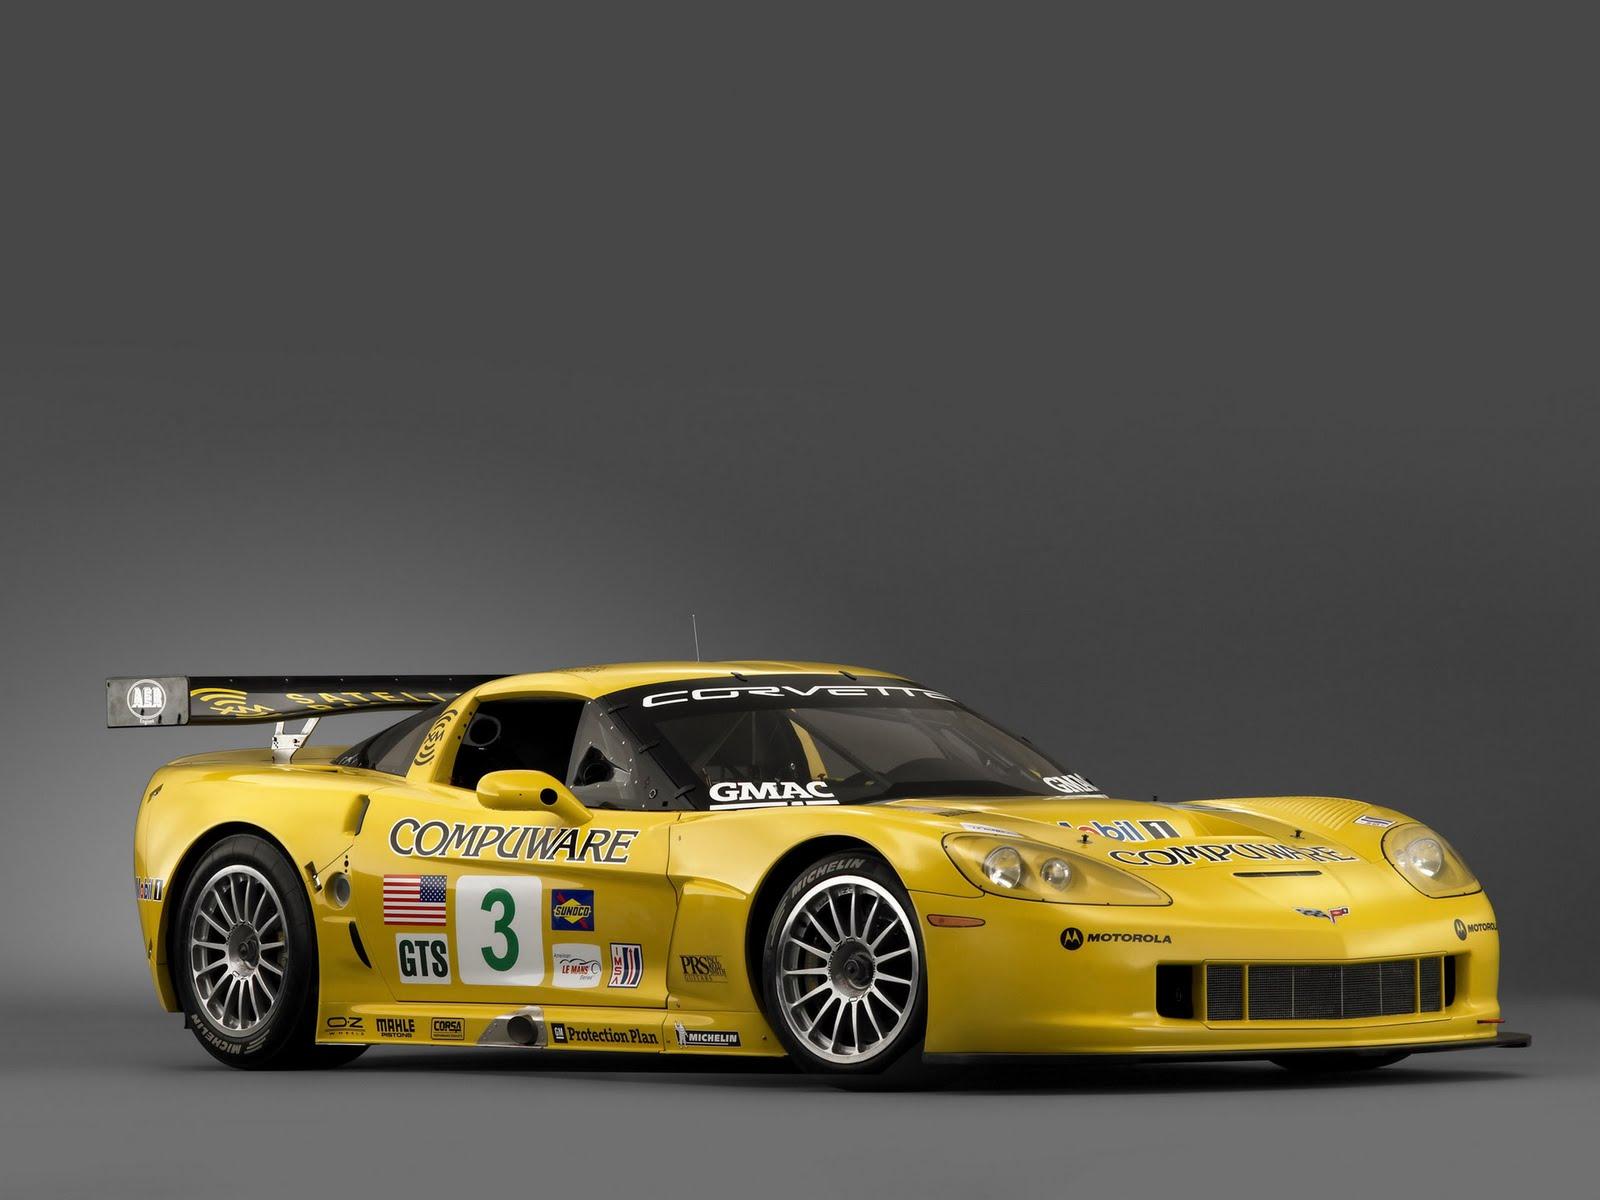 http://1.bp.blogspot.com/-Tgdd_j1zs_g/TuoXUucCT4I/AAAAAAAAAe0/Gd4xamqjqIk/s1600/Chevrolet%2BCorvette%2BC6R%2B02.jpg